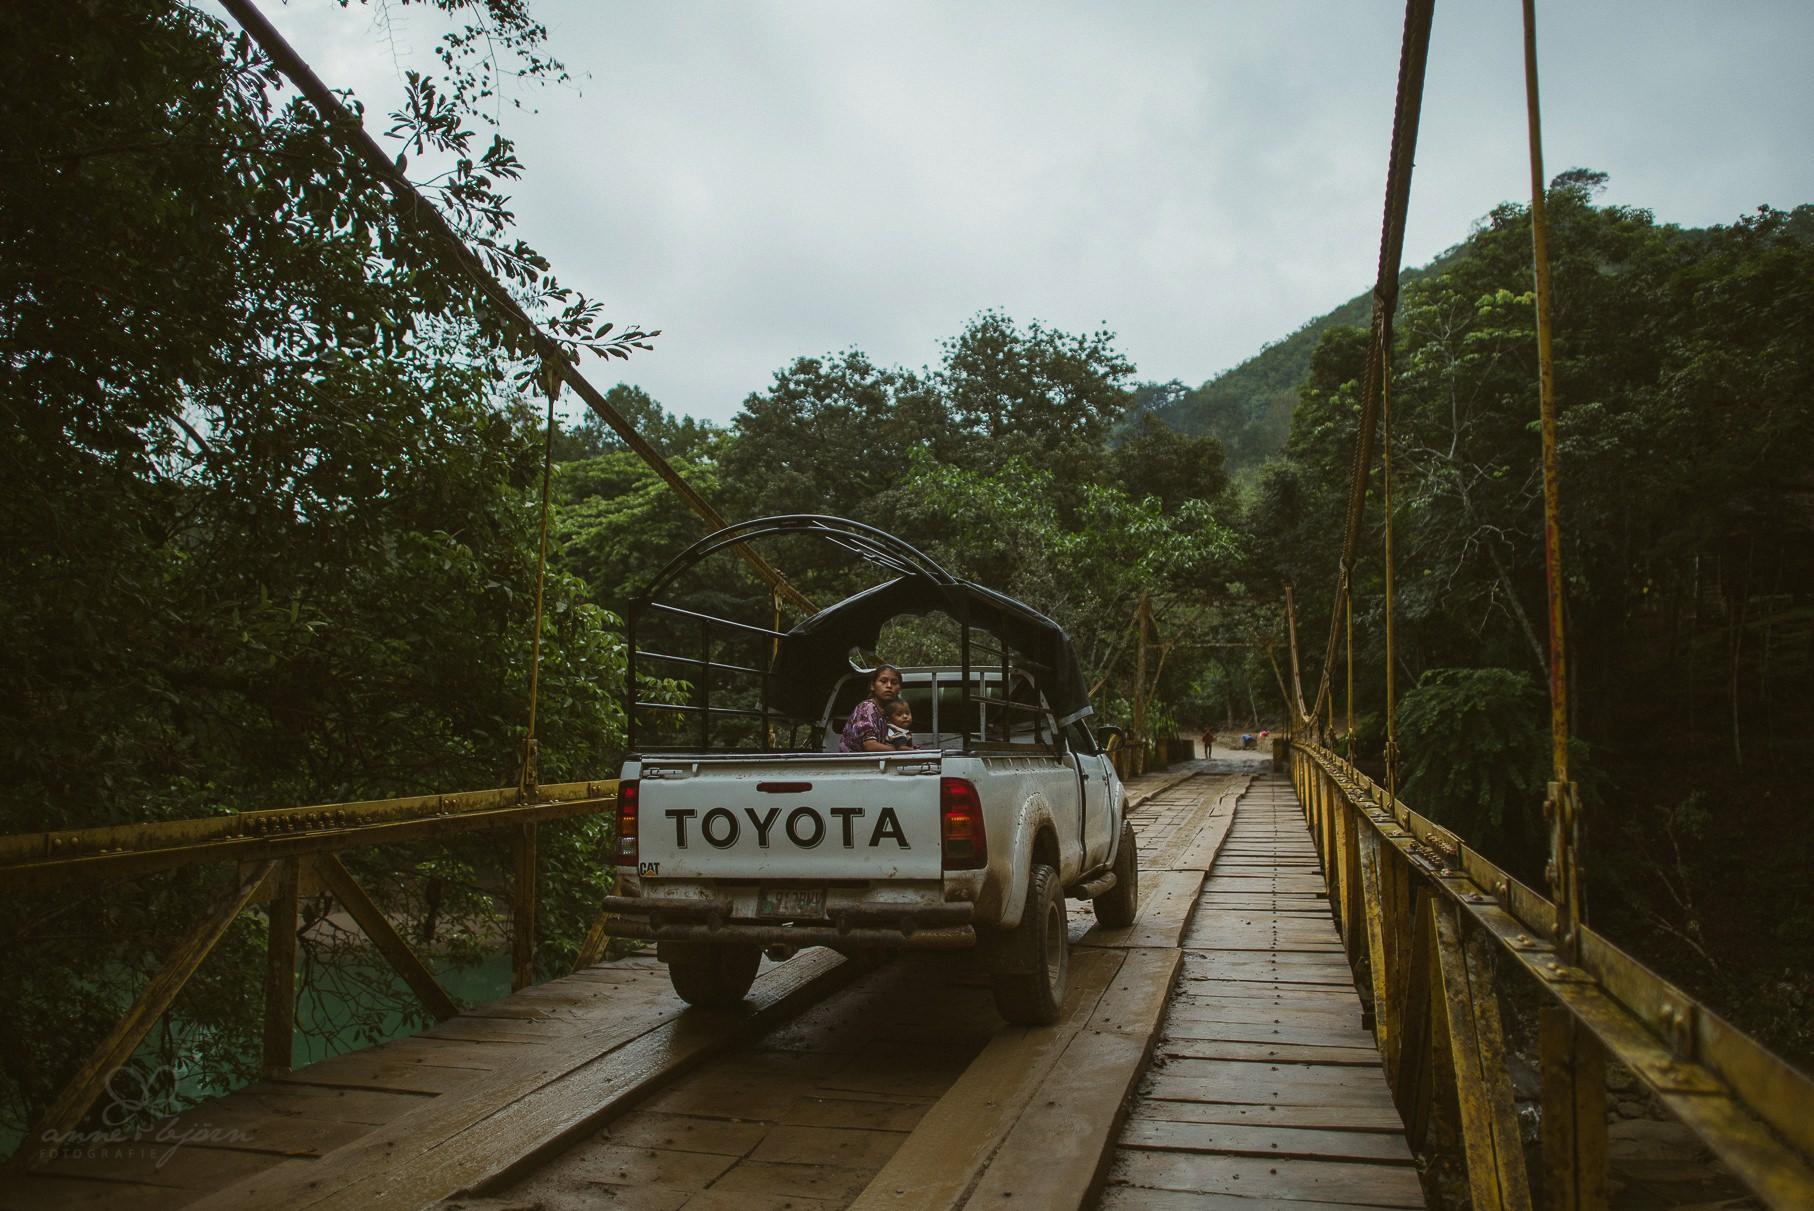 0182 anne und bjoern guatemala 811 3818 - 4 Wochen durch Guatemala - backpacking durch Mittelamerika